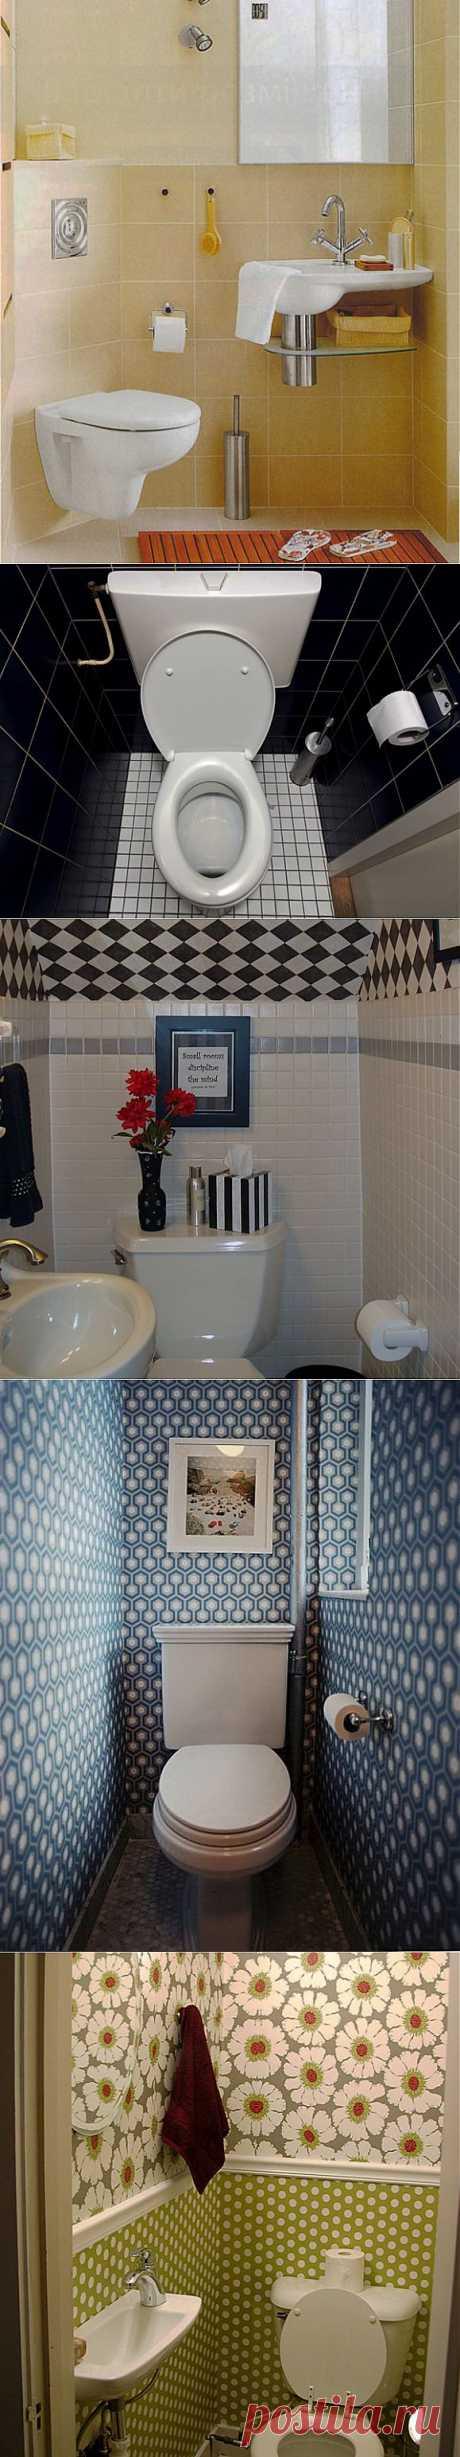 (+1) тема - Туалет тоже может быть красивым! :) | Школа Ремонта